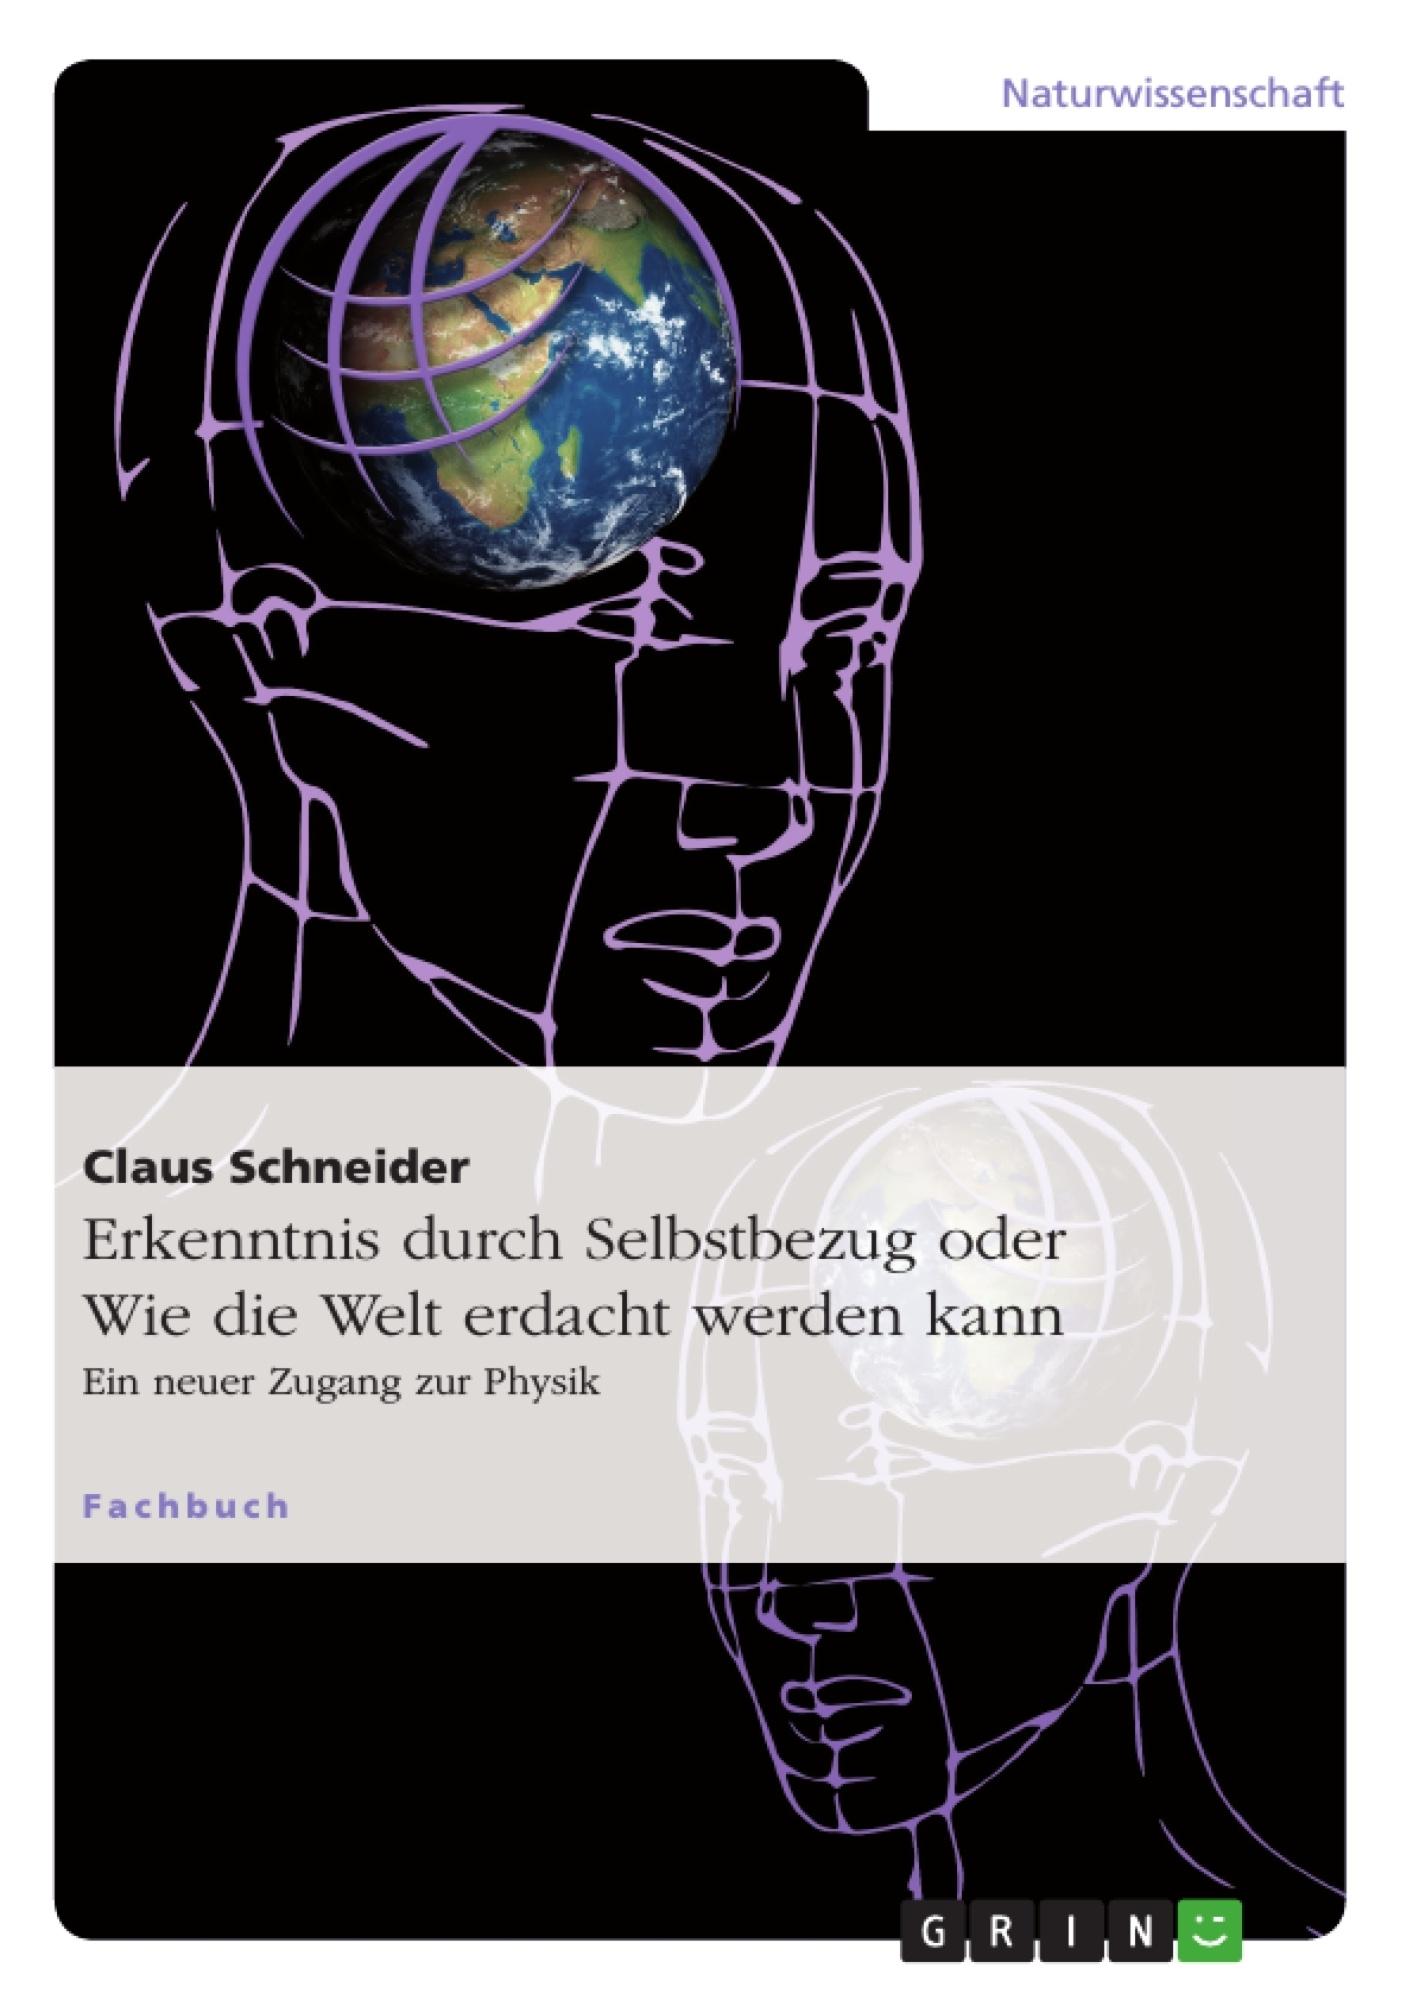 Titel: Erkenntnis durch Selbstbezug oder Wie die Welt erdacht werden kann